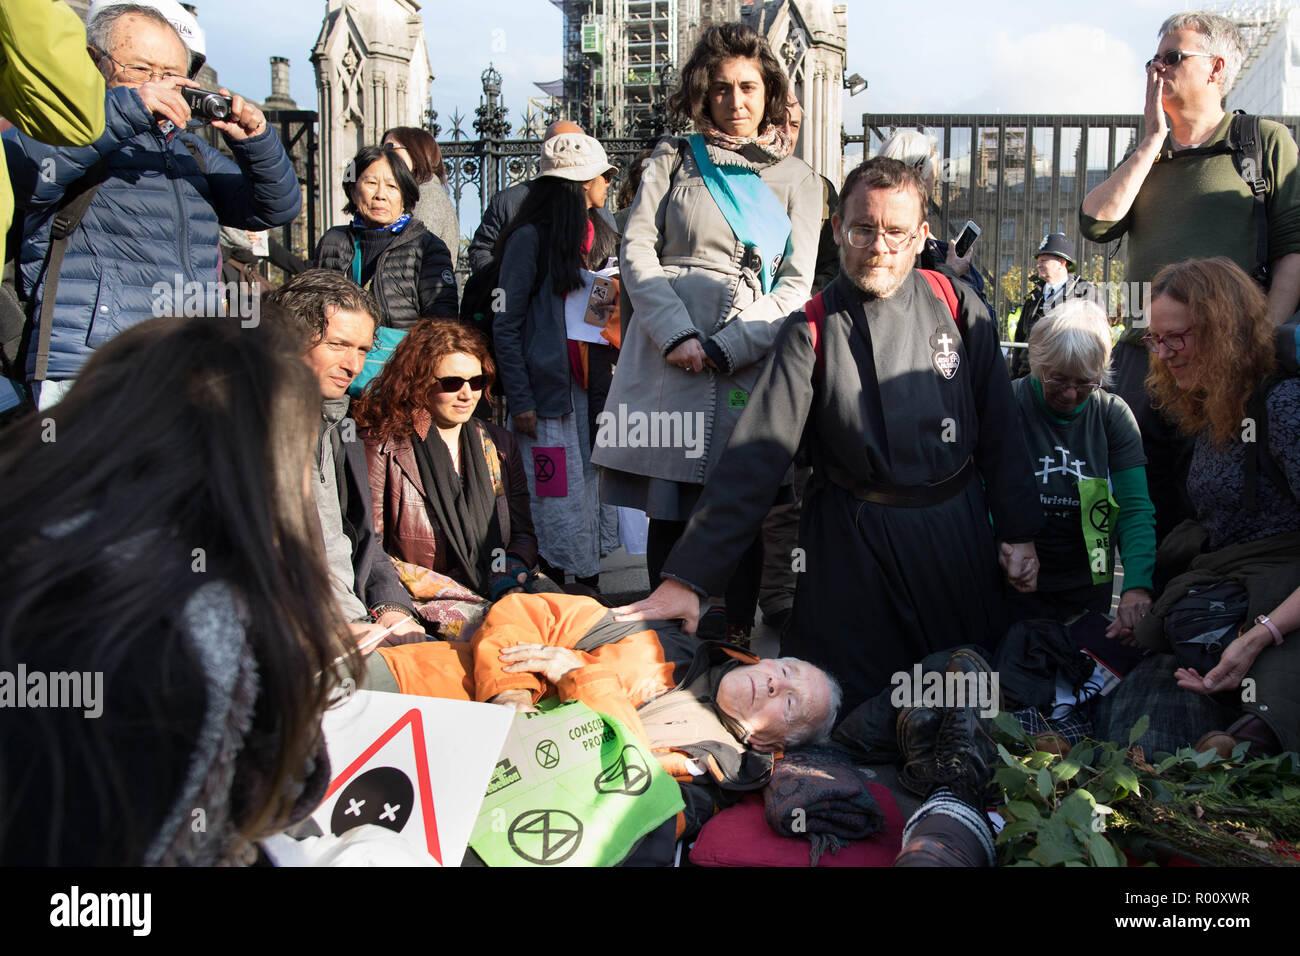 Los manifestantes bloquean la Plaza del Parlamento en Londres como el grupo ecologista extinción rebelión lanza una campaña de desobediencia civil masiva exigiendo la acción sobre el cambio climático. Foto de stock